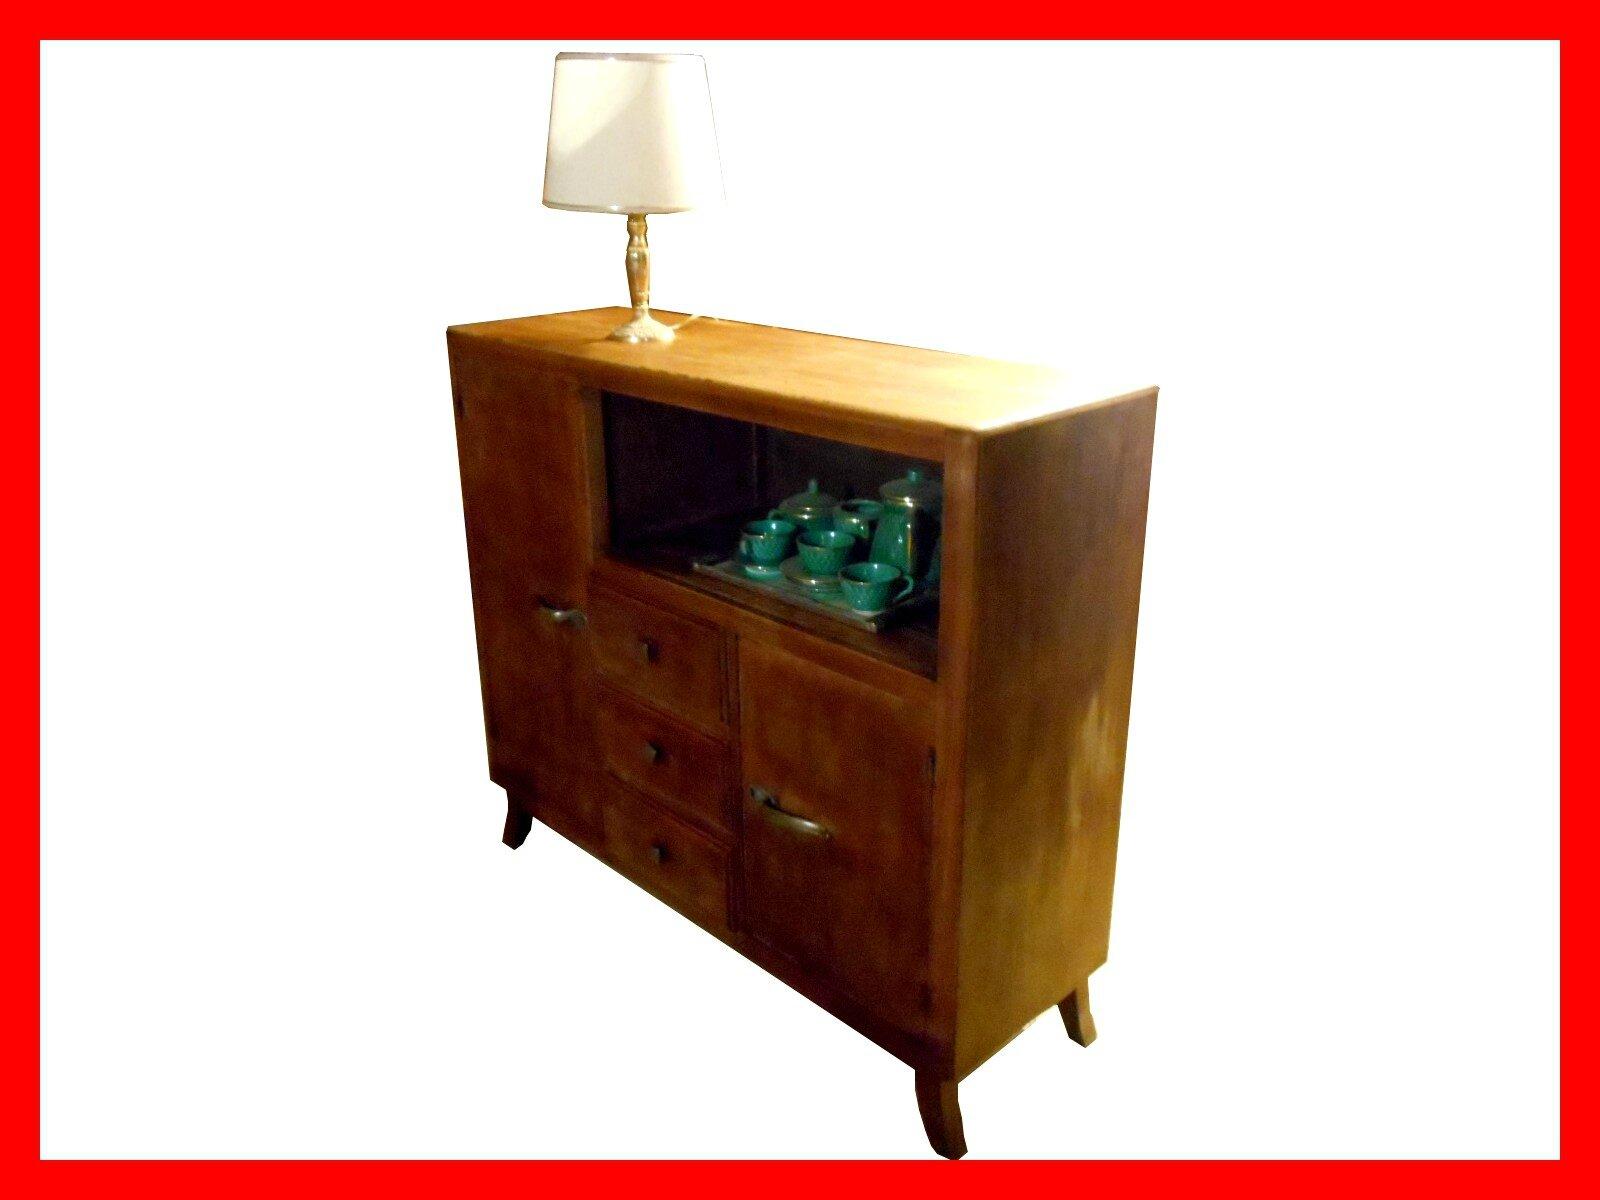 petit buffet enfilade vintage ann es 50 meubles et d coration vintage design scandinave. Black Bedroom Furniture Sets. Home Design Ideas